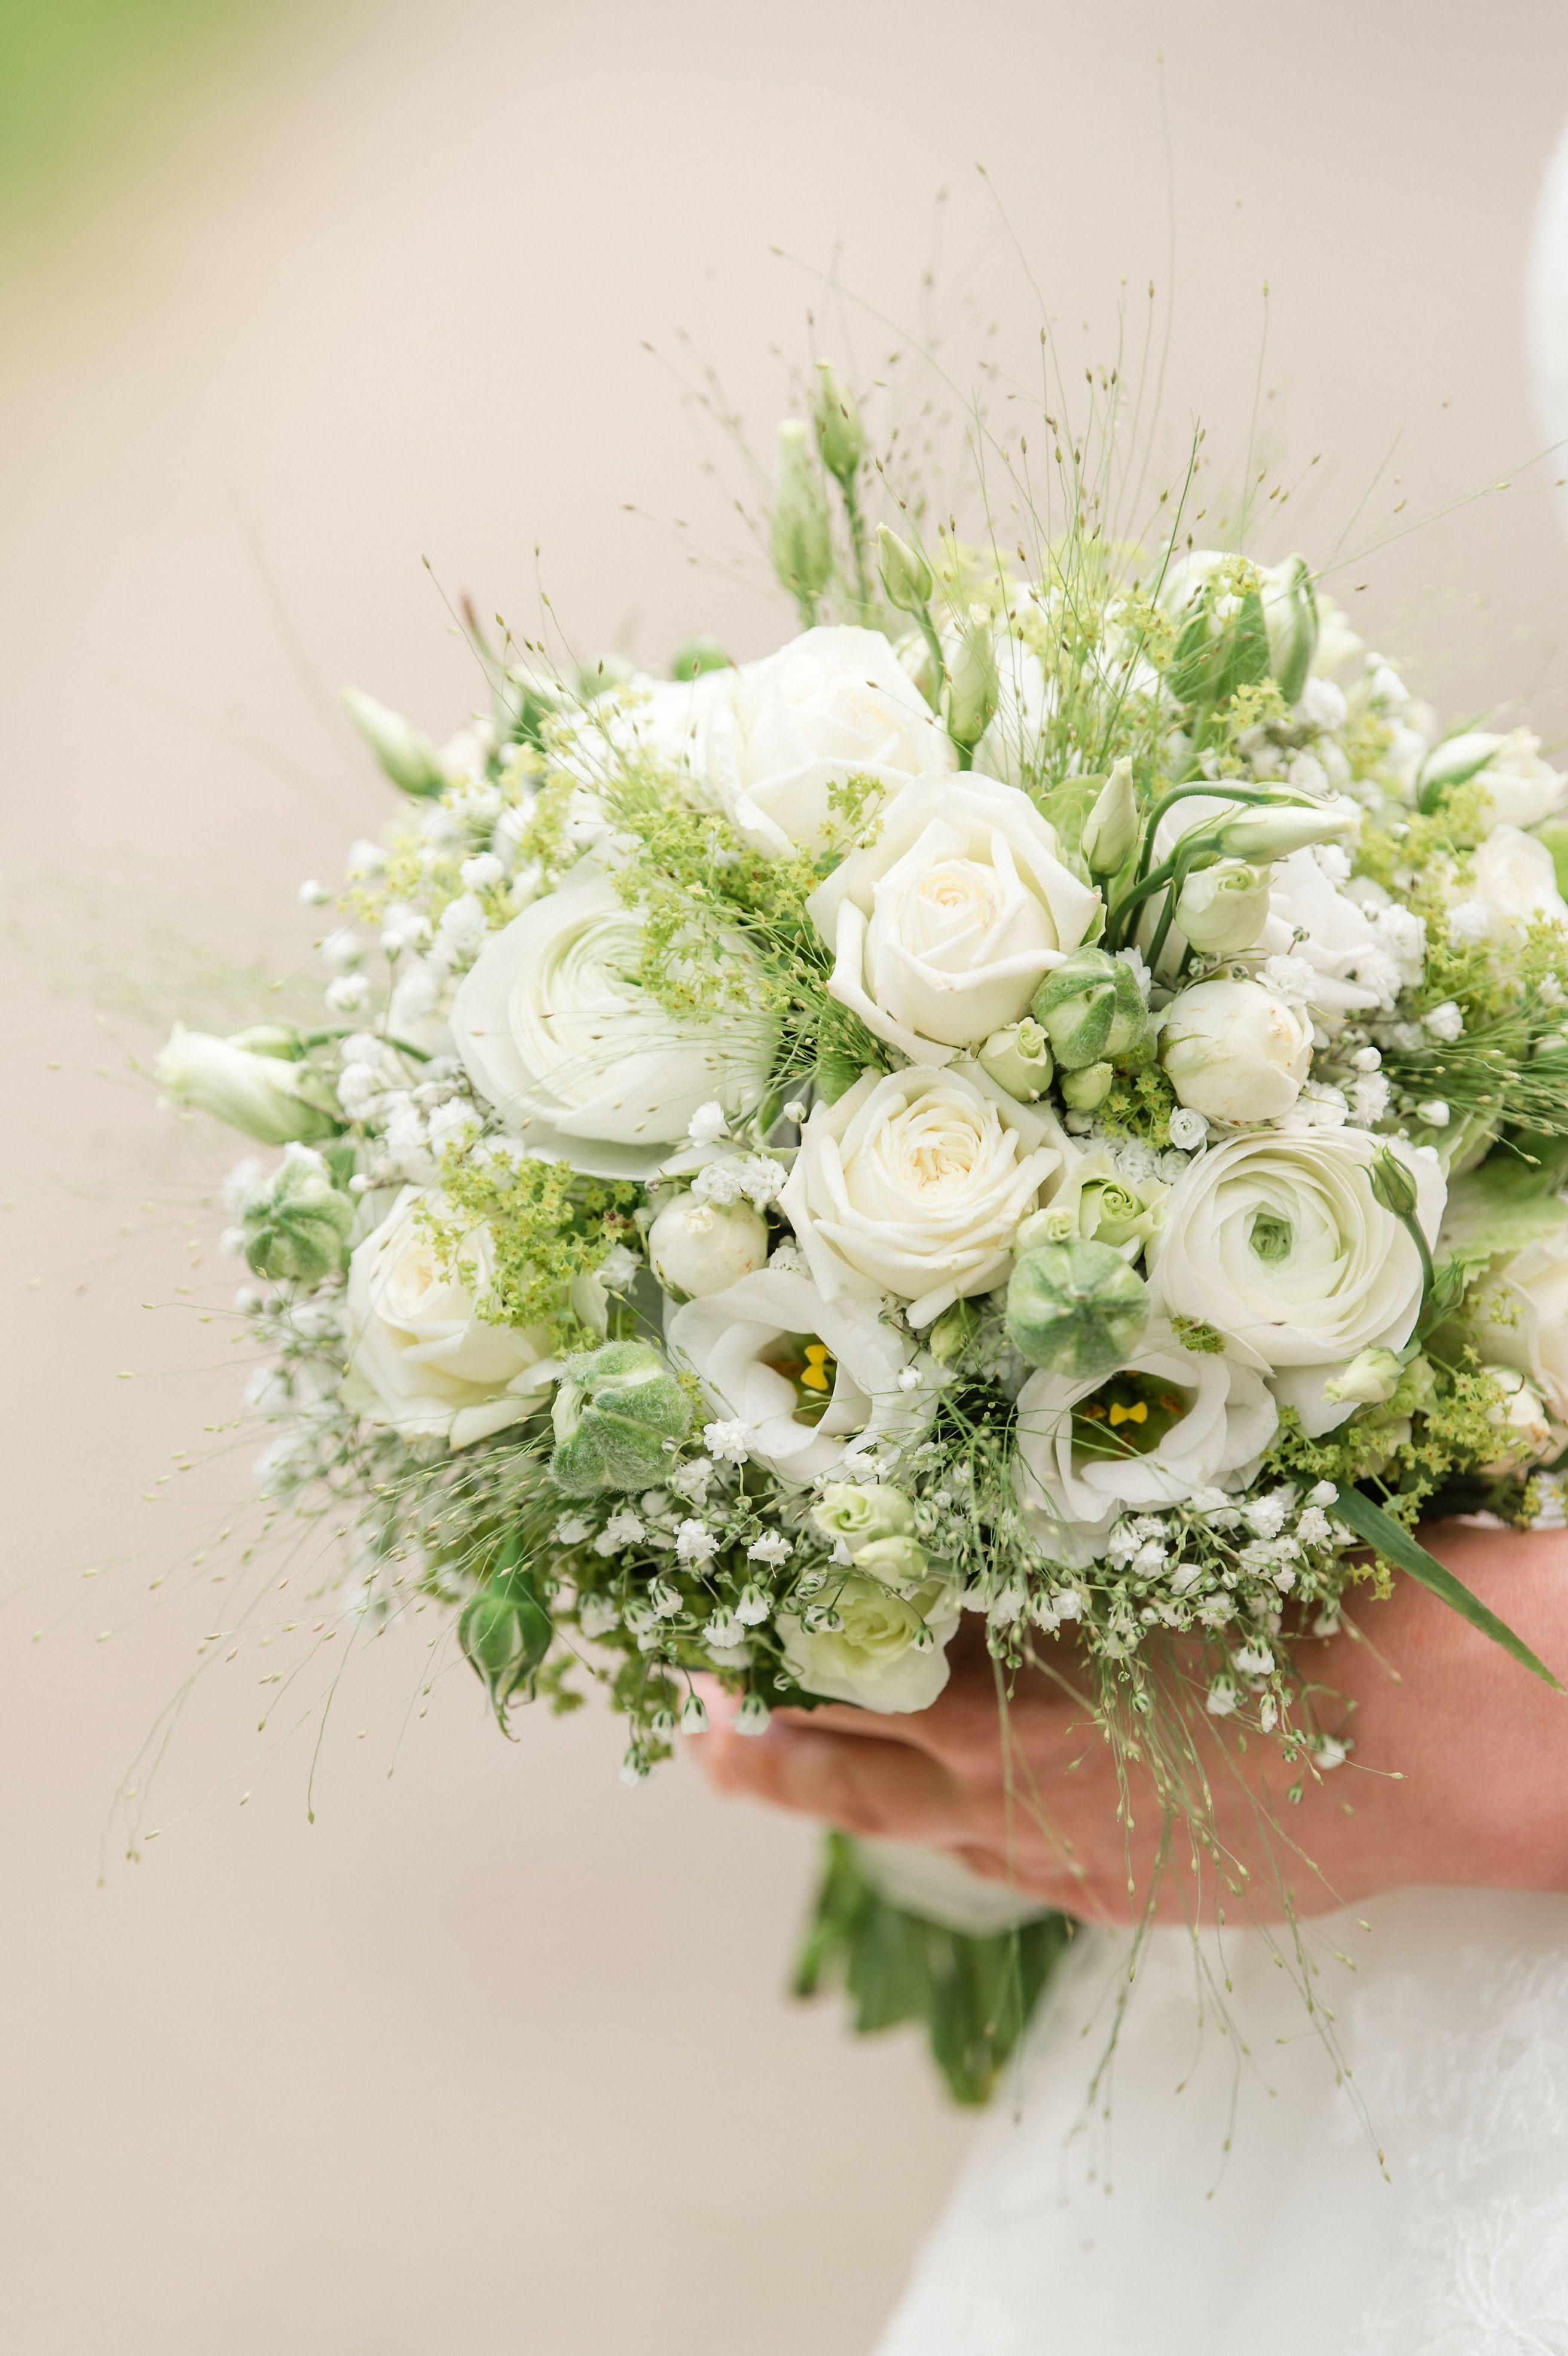 Brautstrauß in weiß & grün, Frühlingsfarben. #whitebridalbouquets Brautstrau…